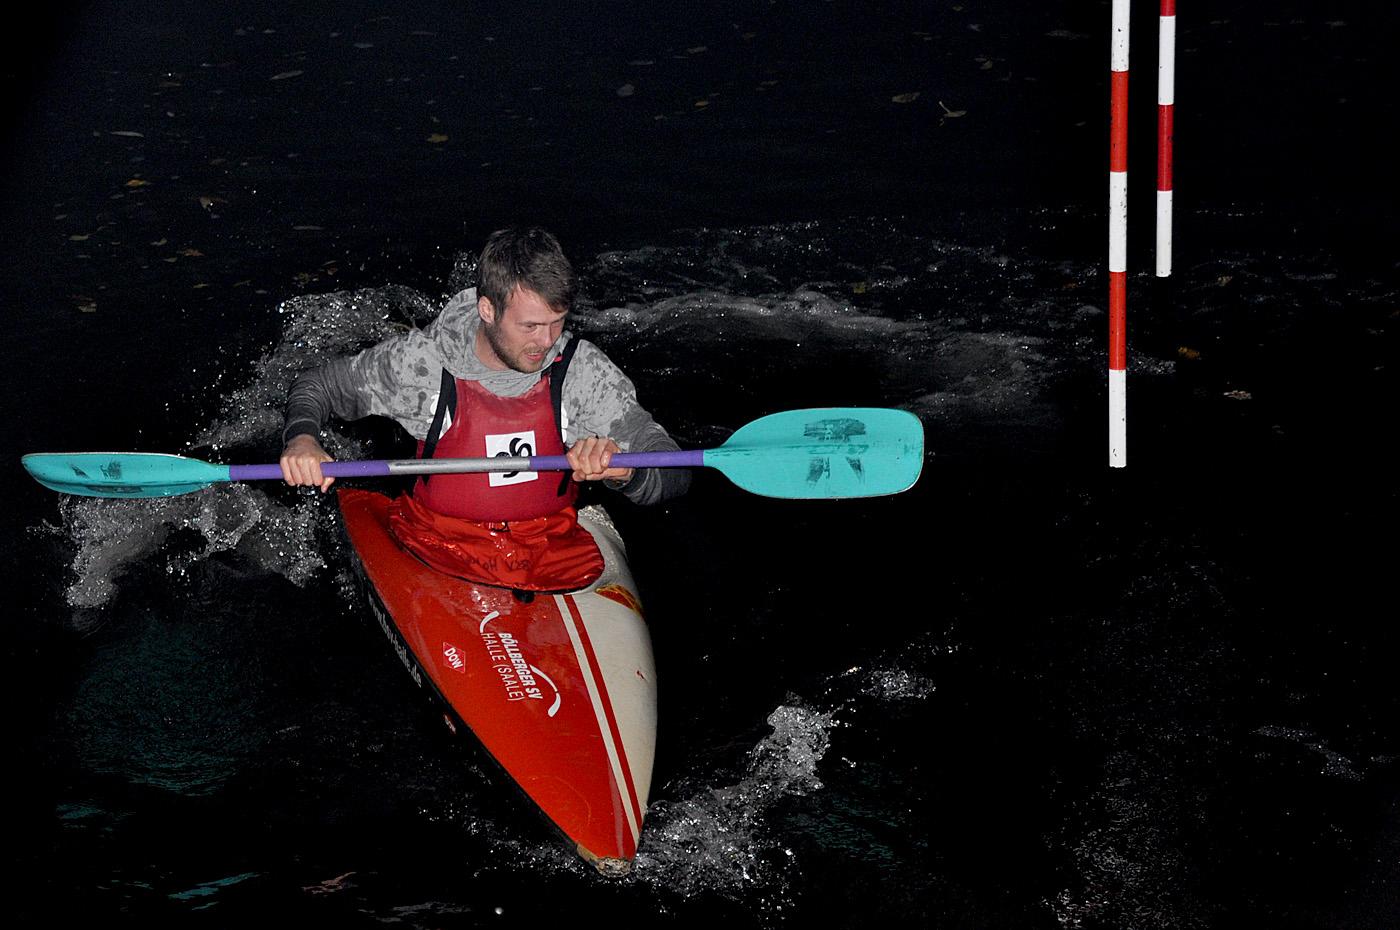 (November) Zum ersten Flutlichwettkampf vor dem Bootshaus fanden sich jung und alt, ehemalige und aktive Slalom-Kanuten auf dem Wasser ein. Das WIR-Gefühl im Verein strahlte fast heller als das angeschaltete Flutlicht und die zusätzlichen Strahler. Das alljährliche BrockenRocken der Böllberger Kanuten und ihrer Freunde fand mit 18 Radlern und einem Jogger seinen Teilnehmerrekord. Birgit Warstat und Sebastian Brendel werden in Magdeburg zum Festakt